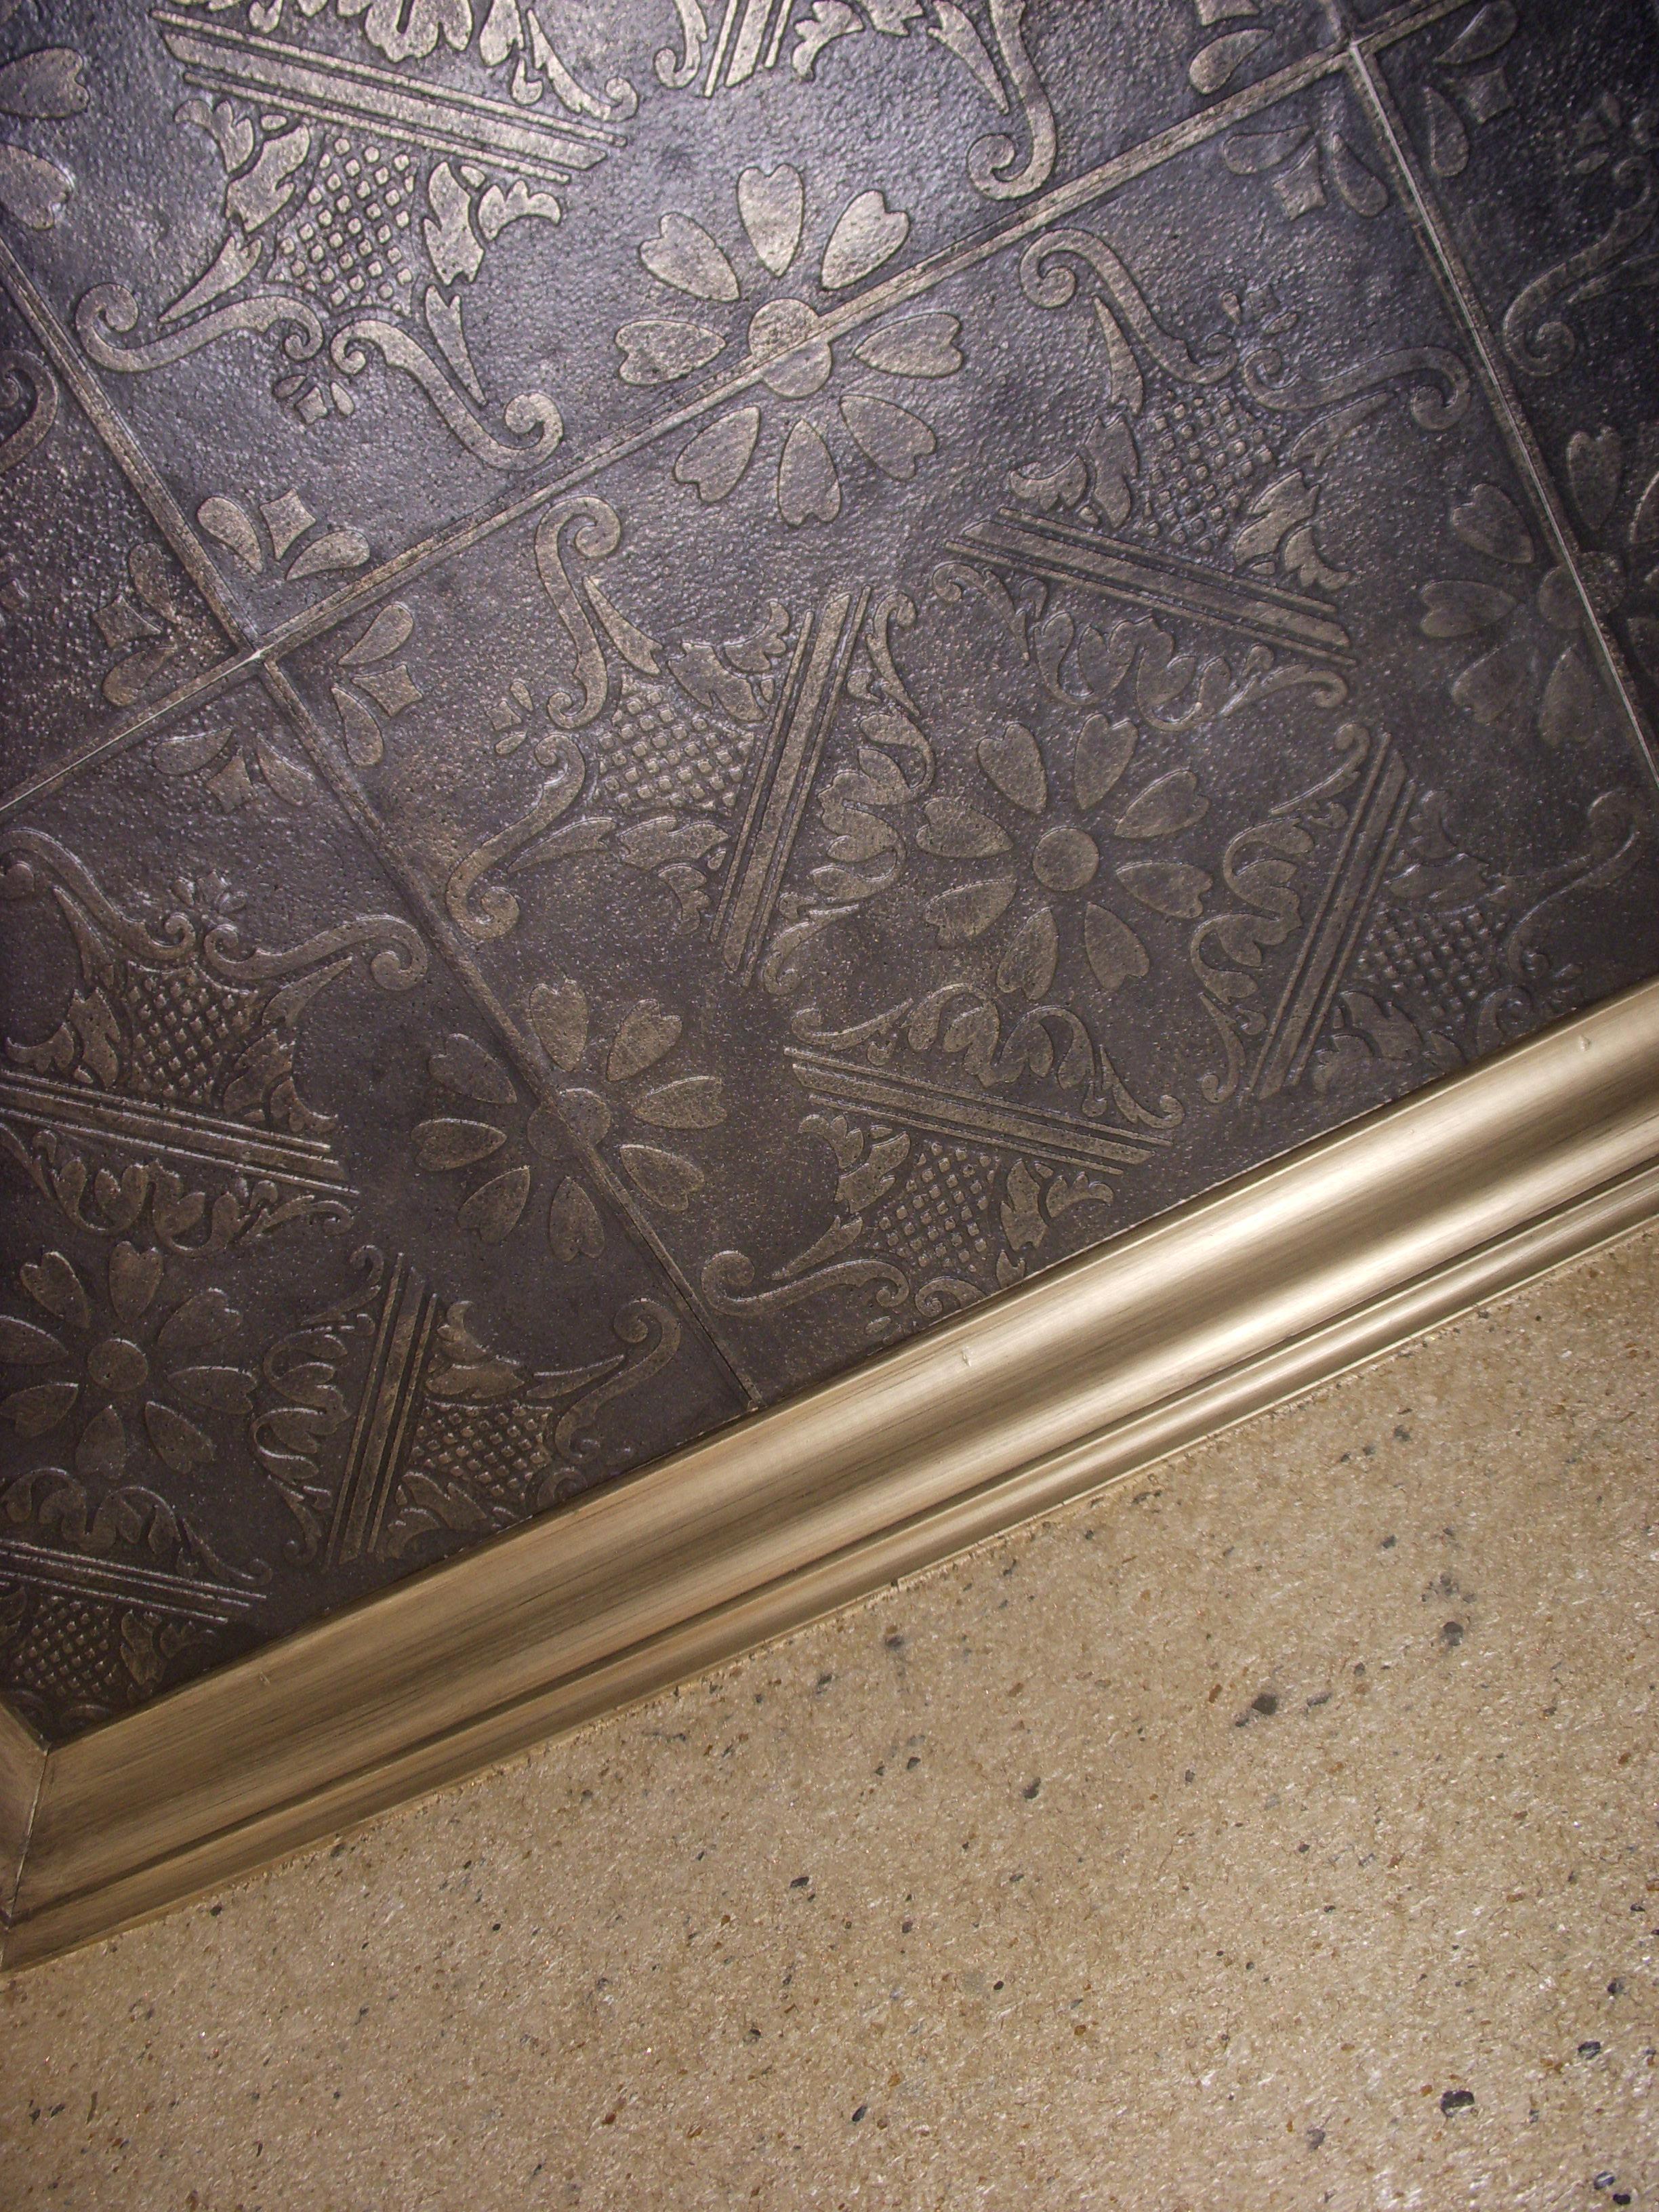 Glue Up Ceiling Tiles >> Styrofoam Ceiling Tiles Installed